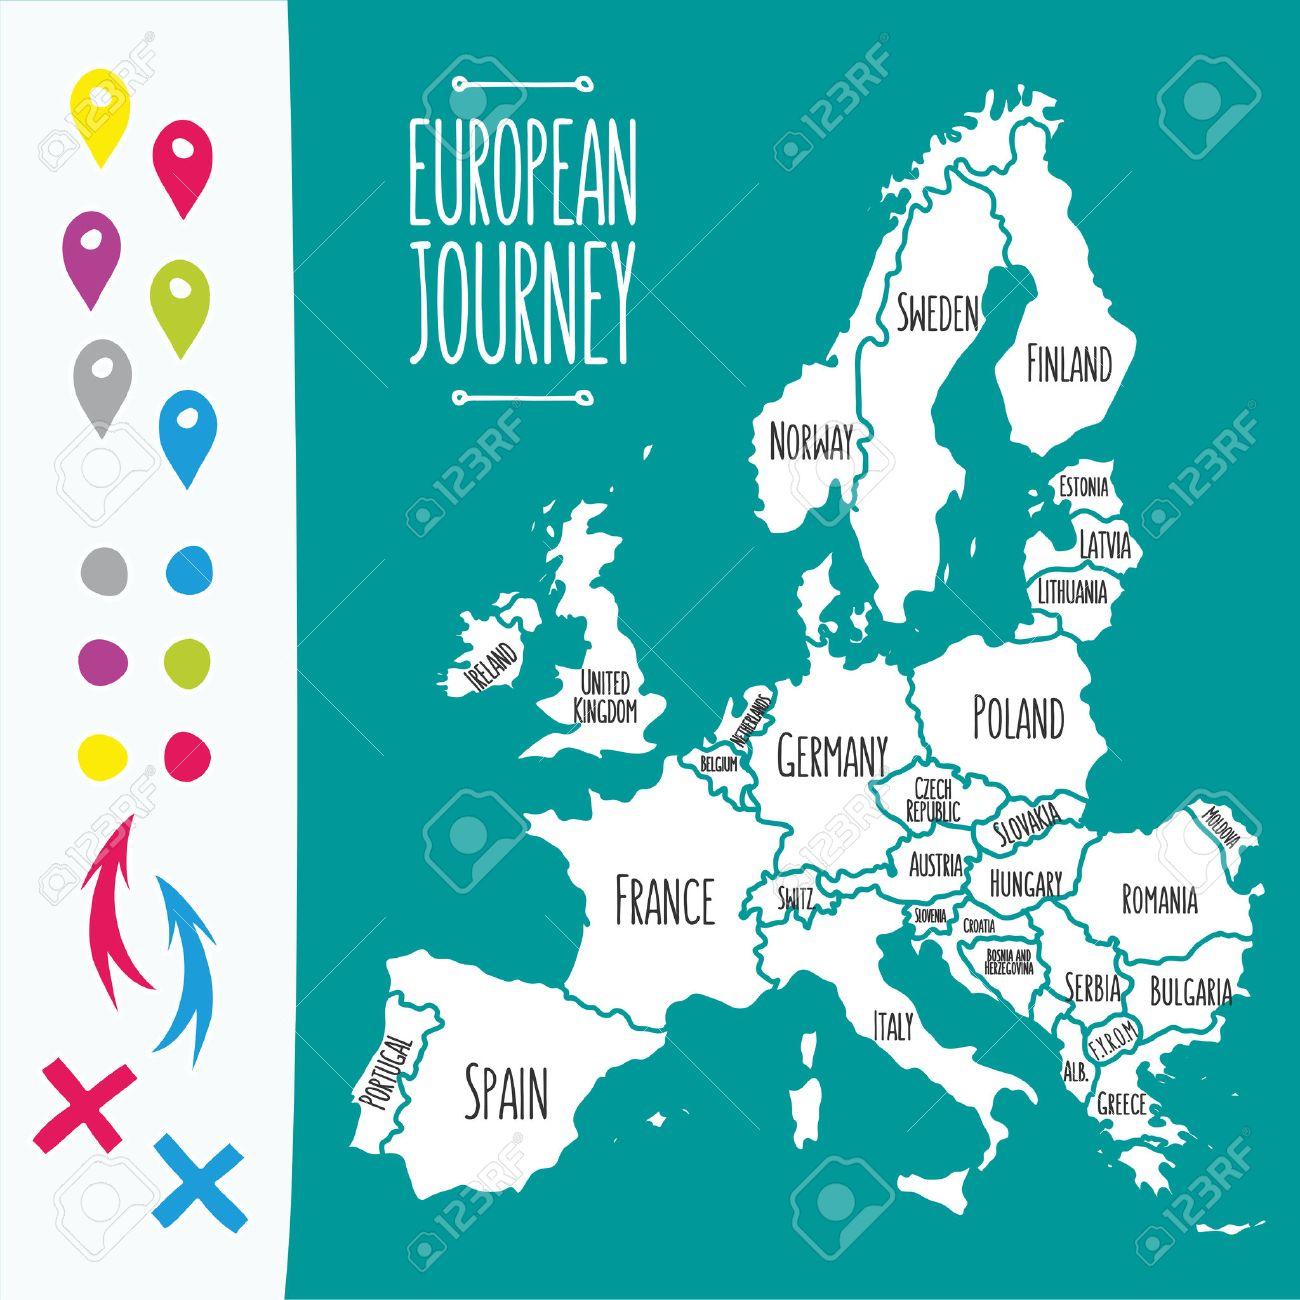 Carte Europe Voyage.Carte Du Voyage Europe Elabore A Main Vintage Avec Des Epingles Illustration Vectorielle